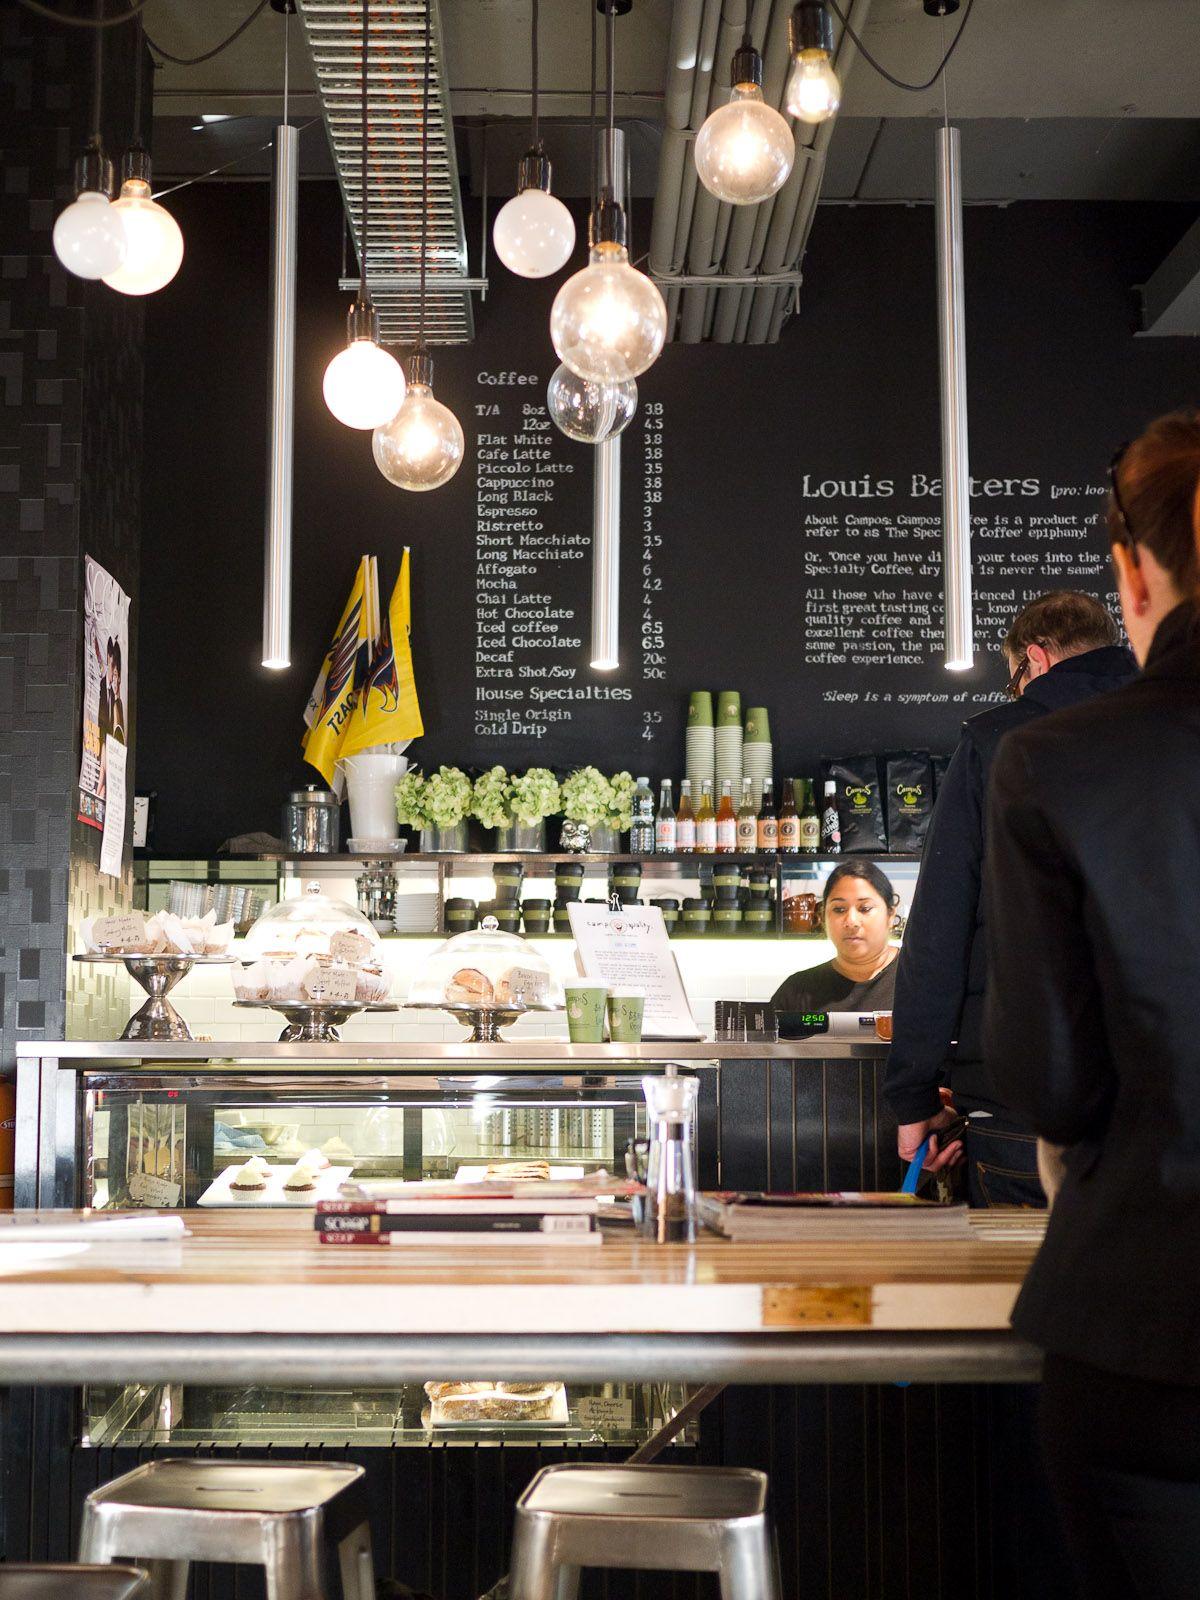 Bakery Cafe Coffee Shop I Like The Chalk Board Wall Bakery Cafe Coffee Restaurants Coffee Shop